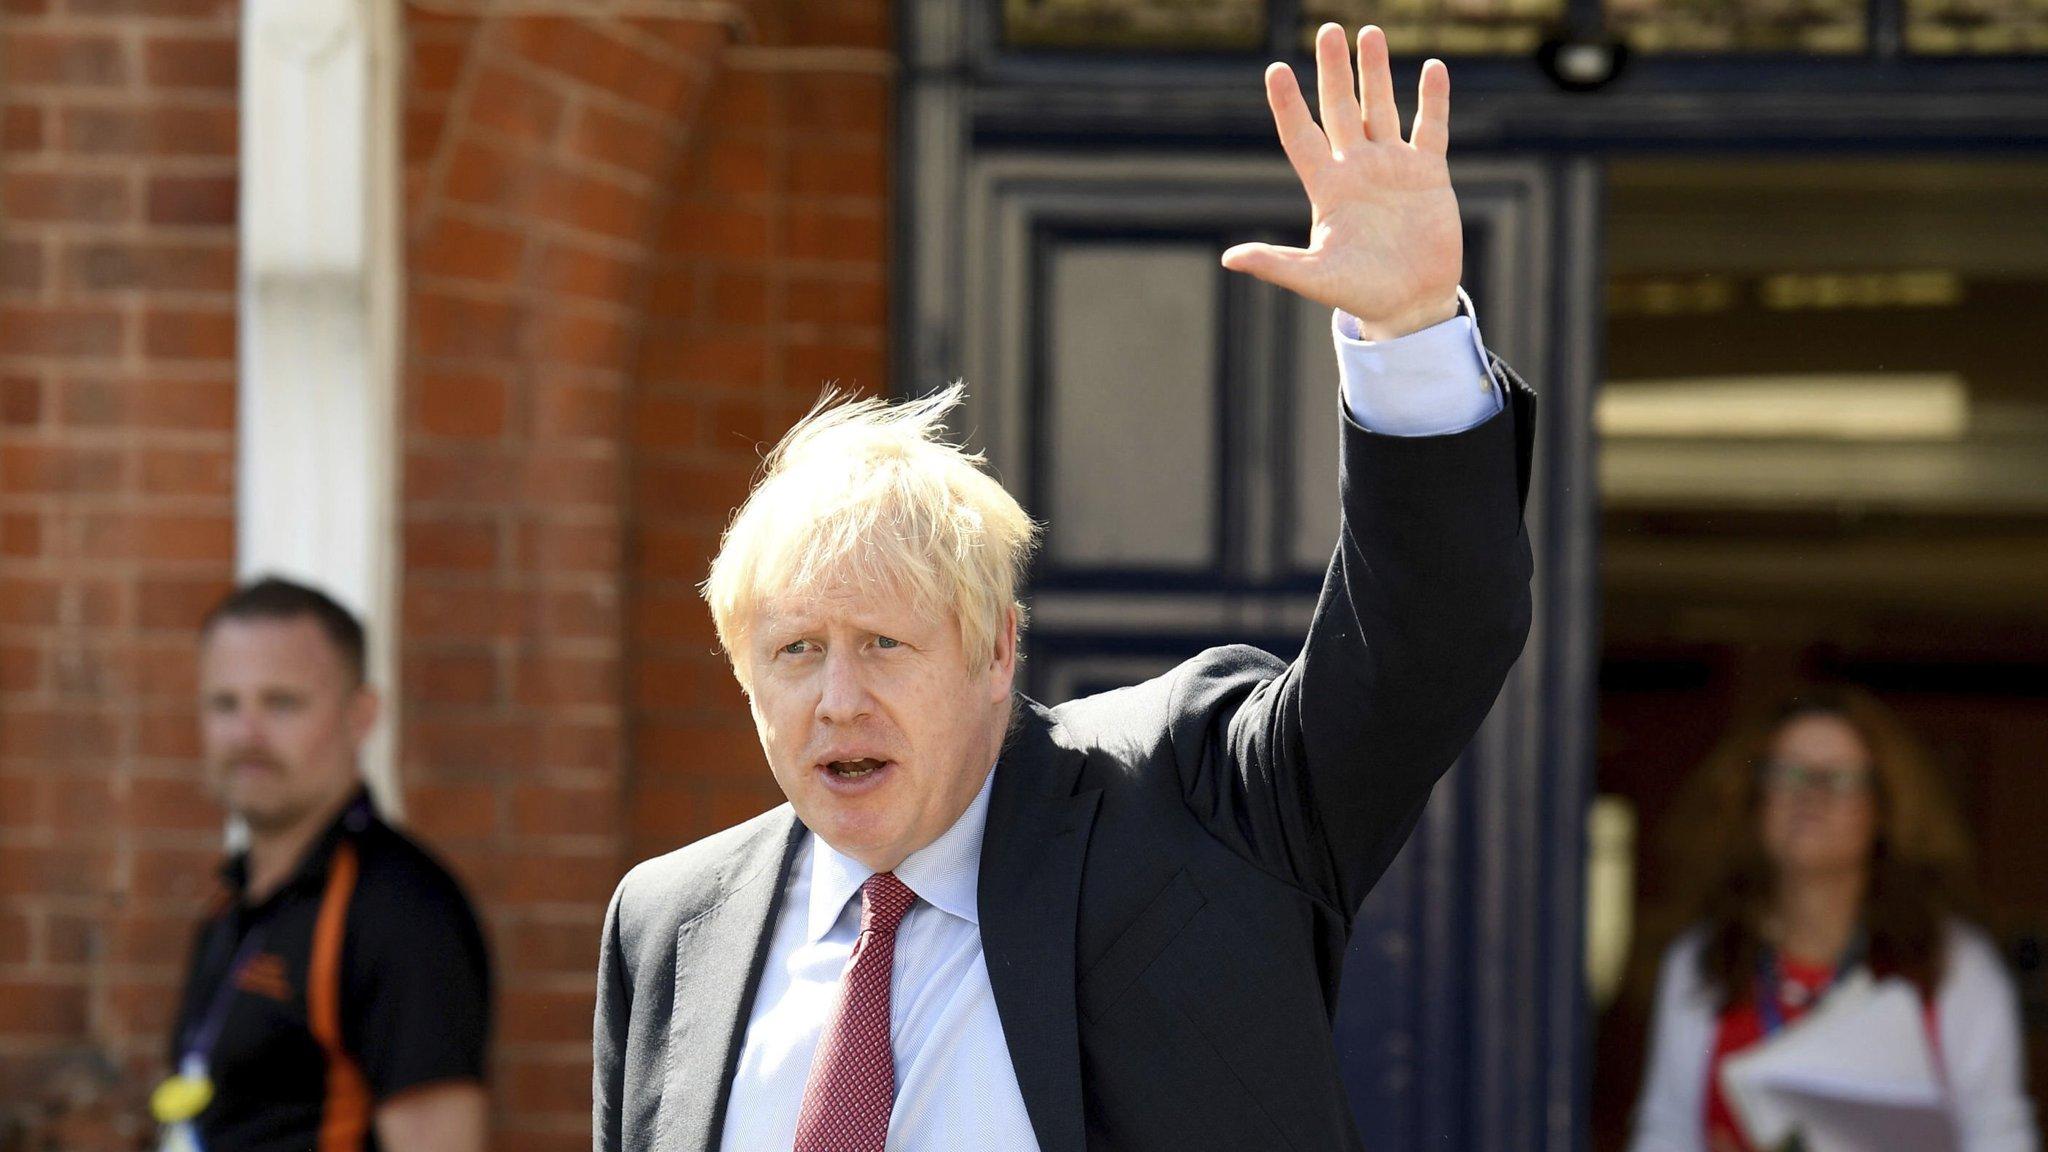 Boris Johnson faces diplomatic balancing act in Biarritz